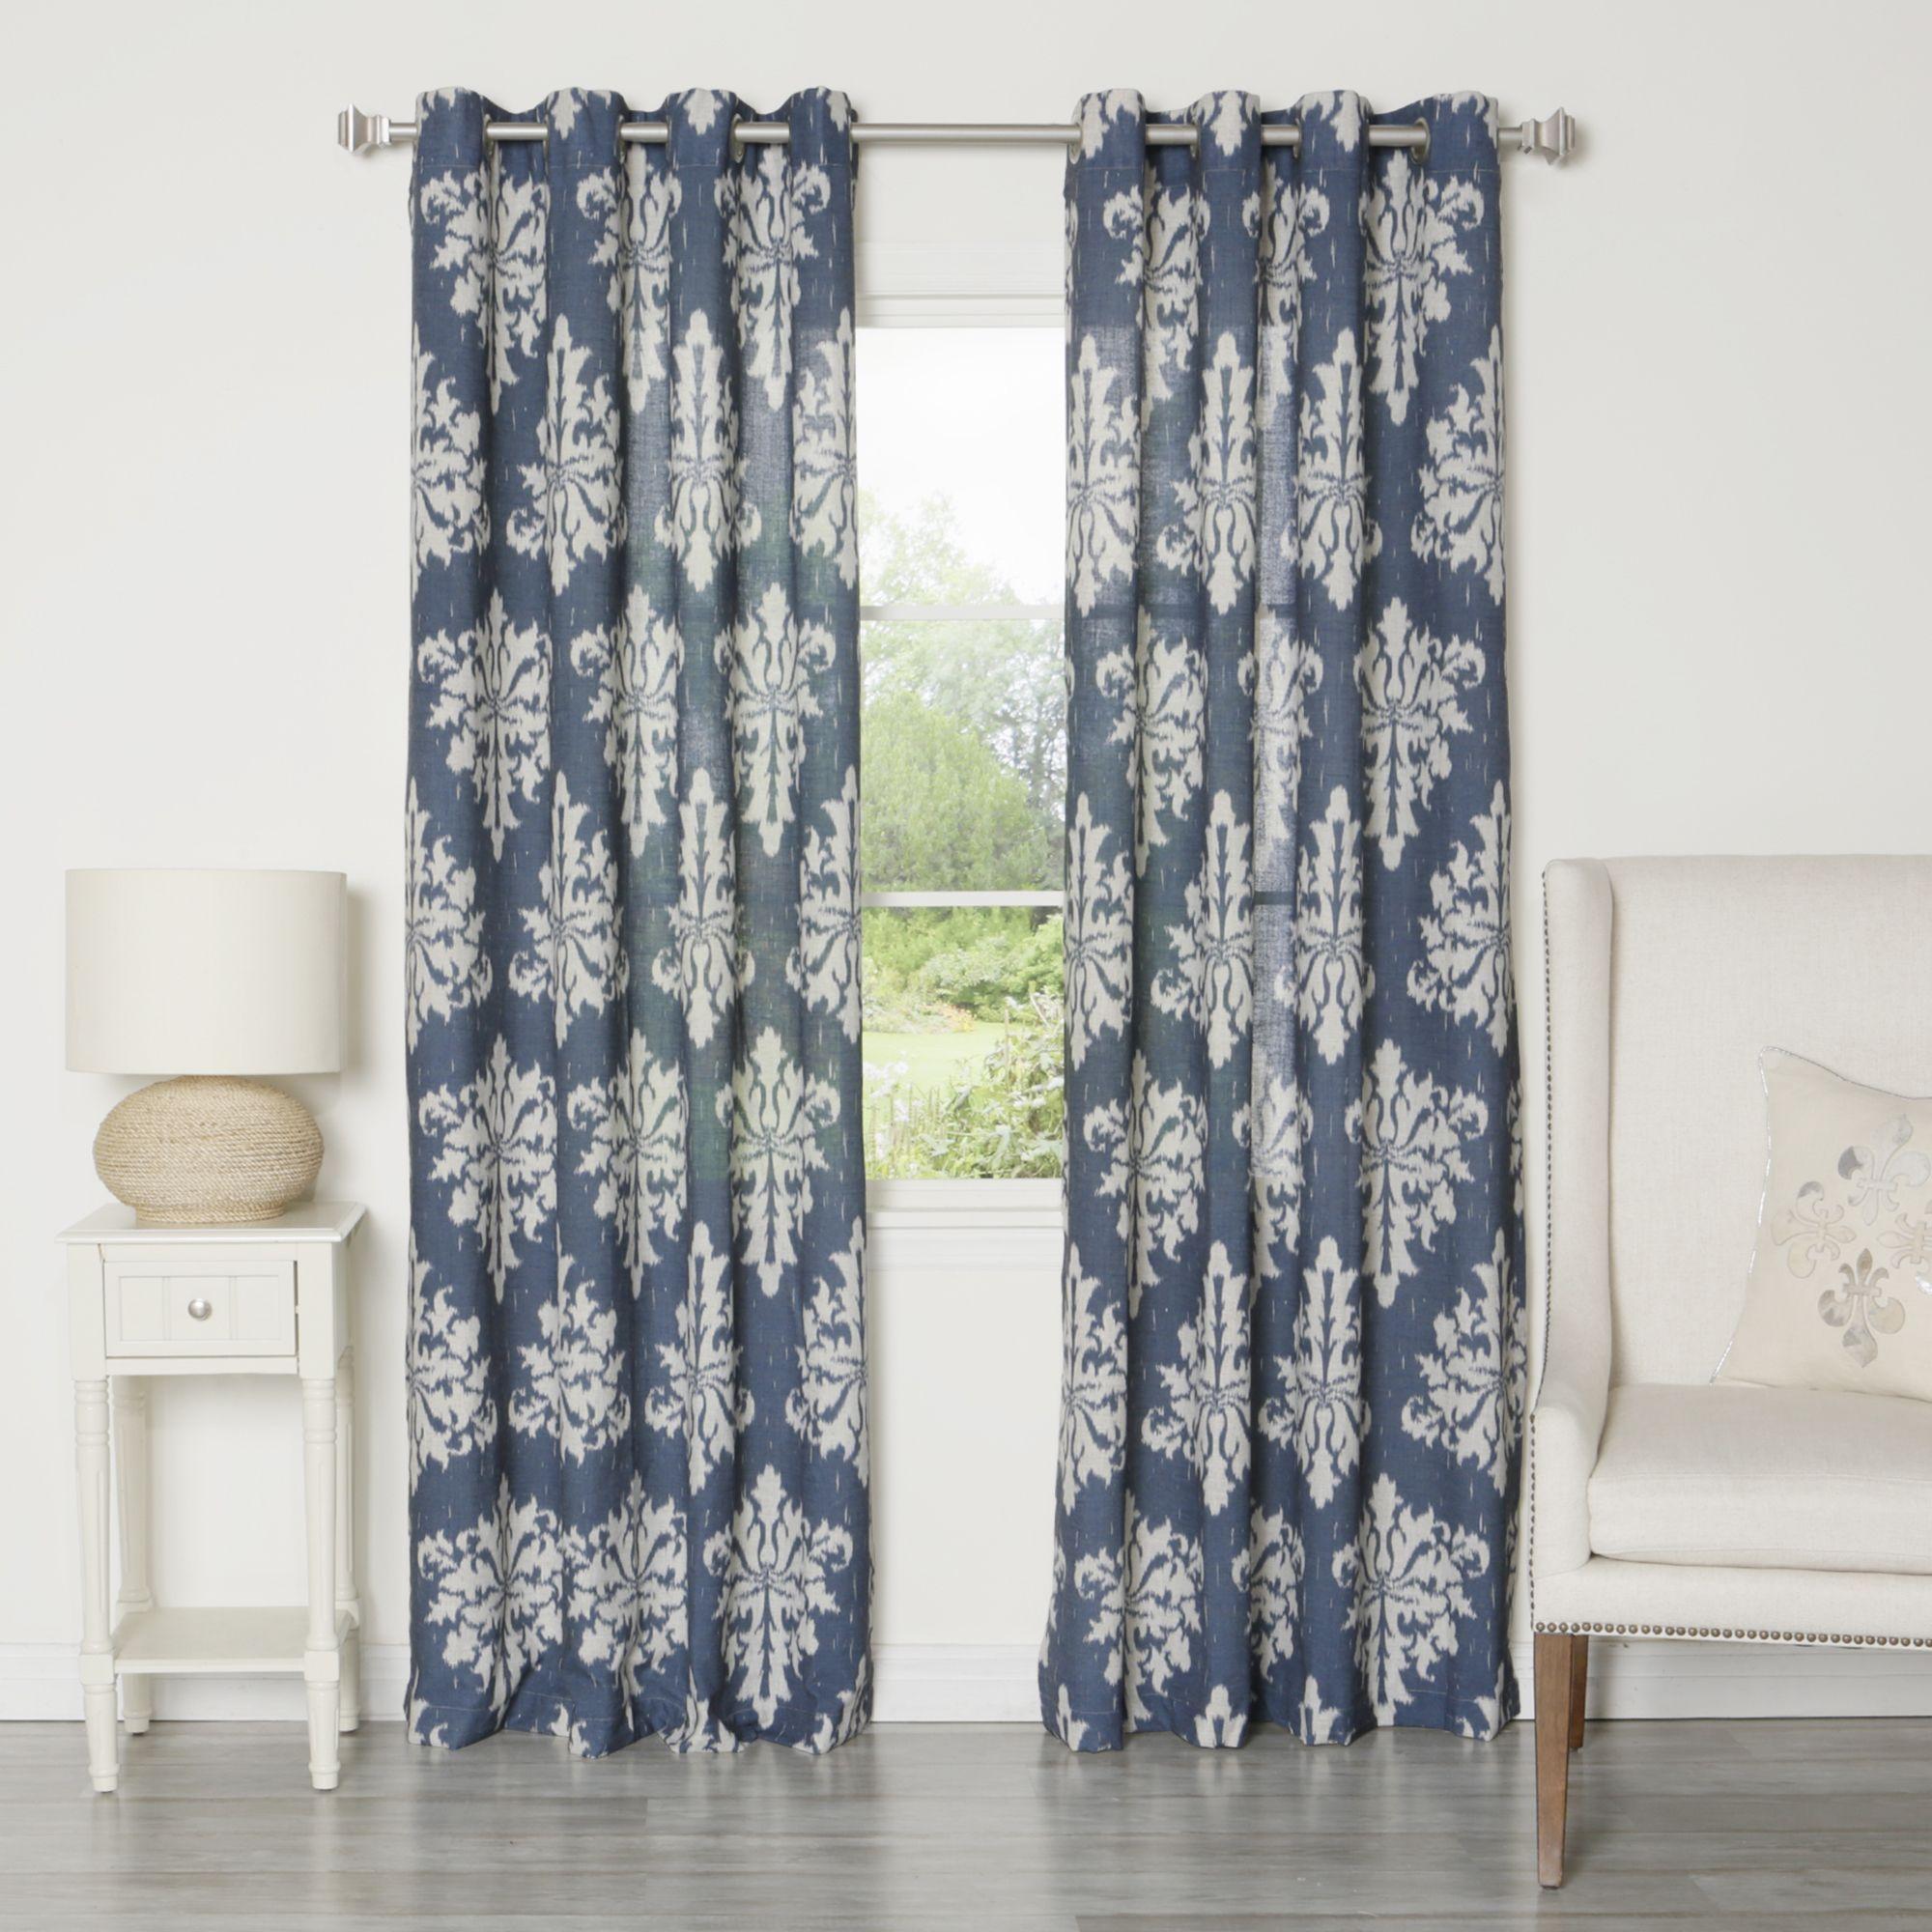 Ikat Linen Grommet Top 84 Inch Curtain Panel Pair Overstock Com